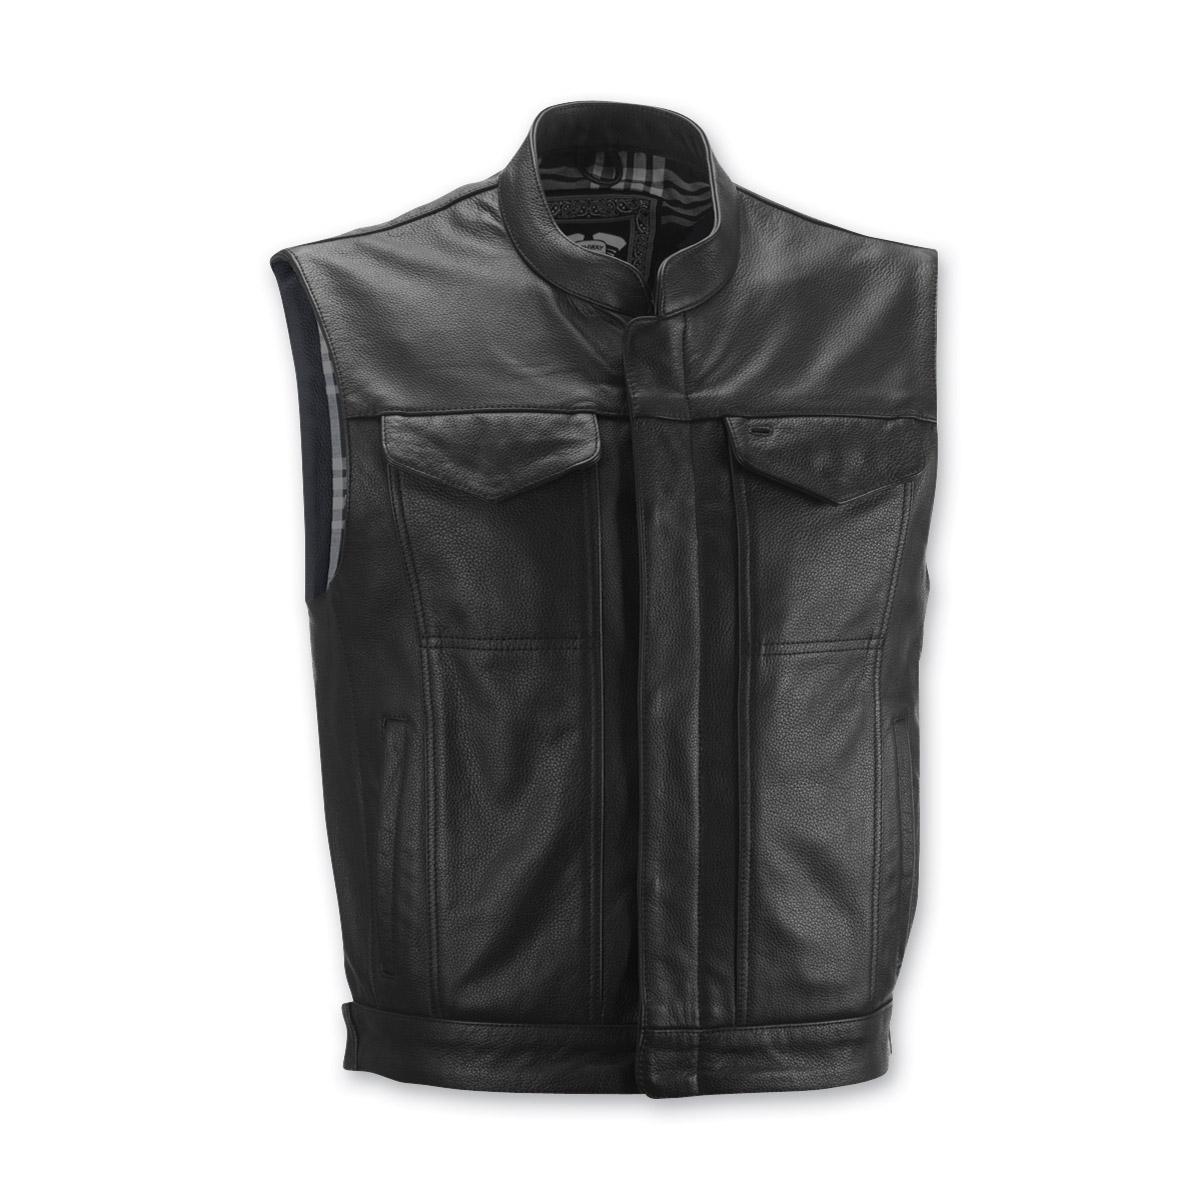 Highway 21 Men's Magnum Black Leather Vest